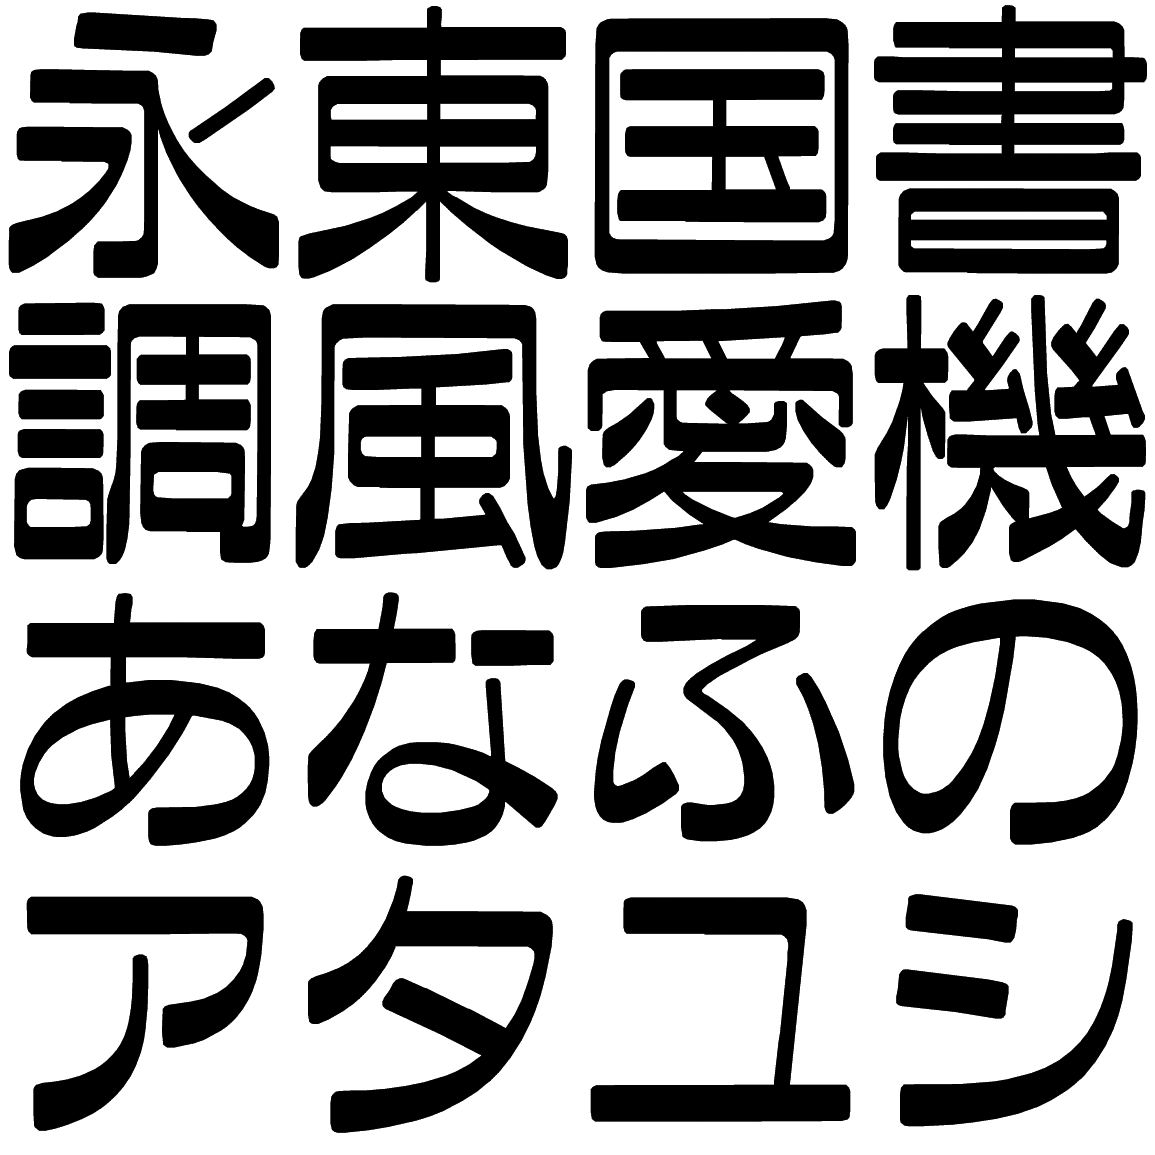 ファン蘭 B BFN 字形見本